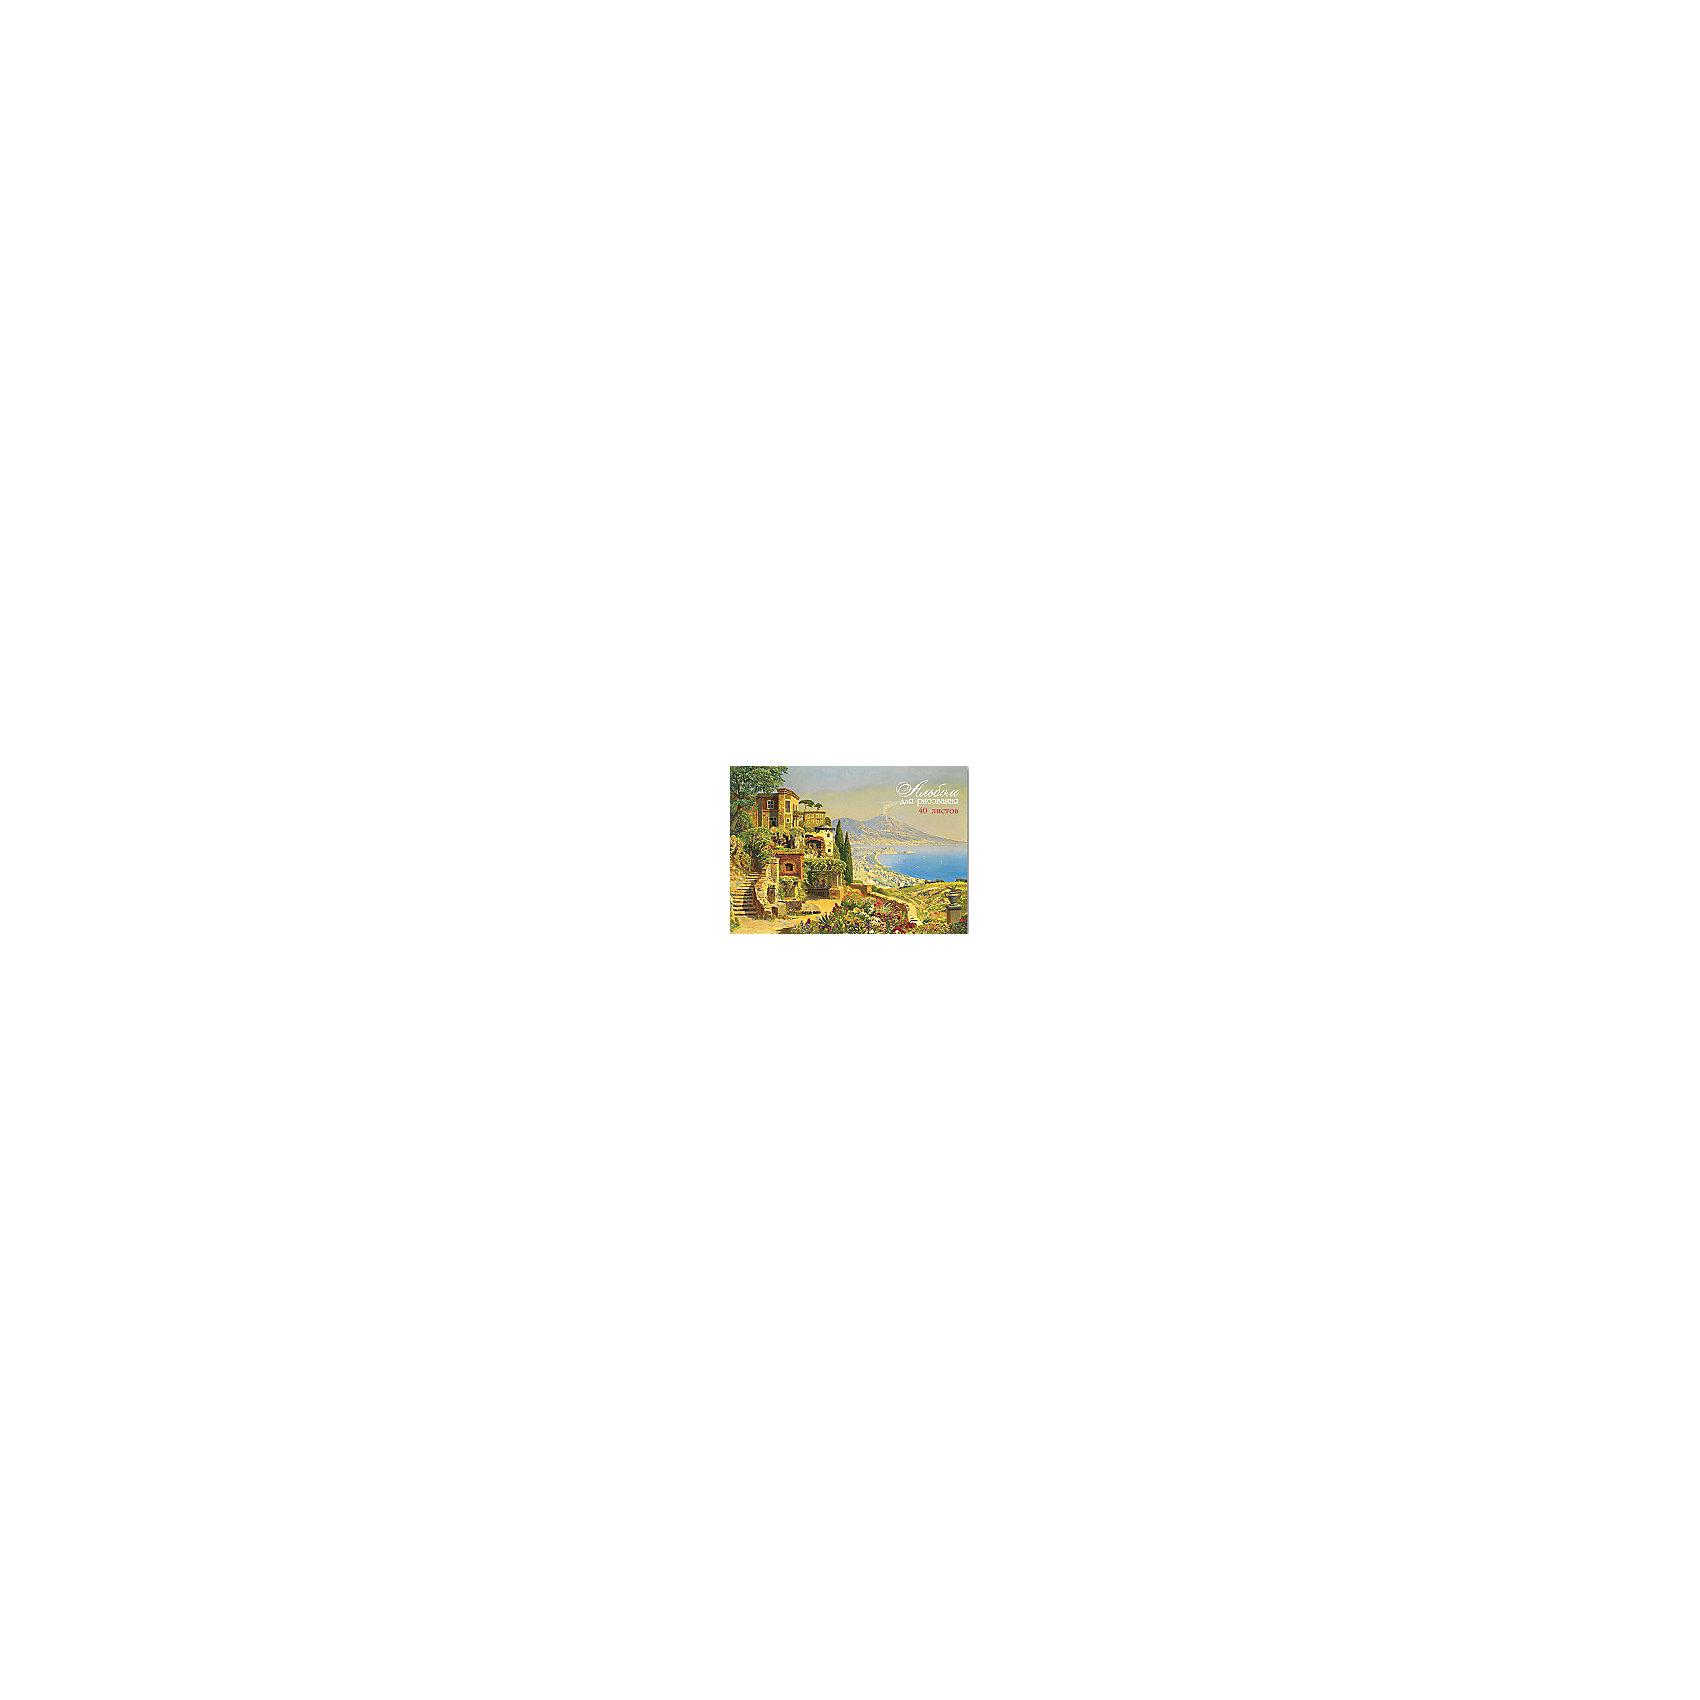 Феникс+ Альбом для рисования Город у моря, 40 л альбом для рисования на спирали а 3 наложенным платежом